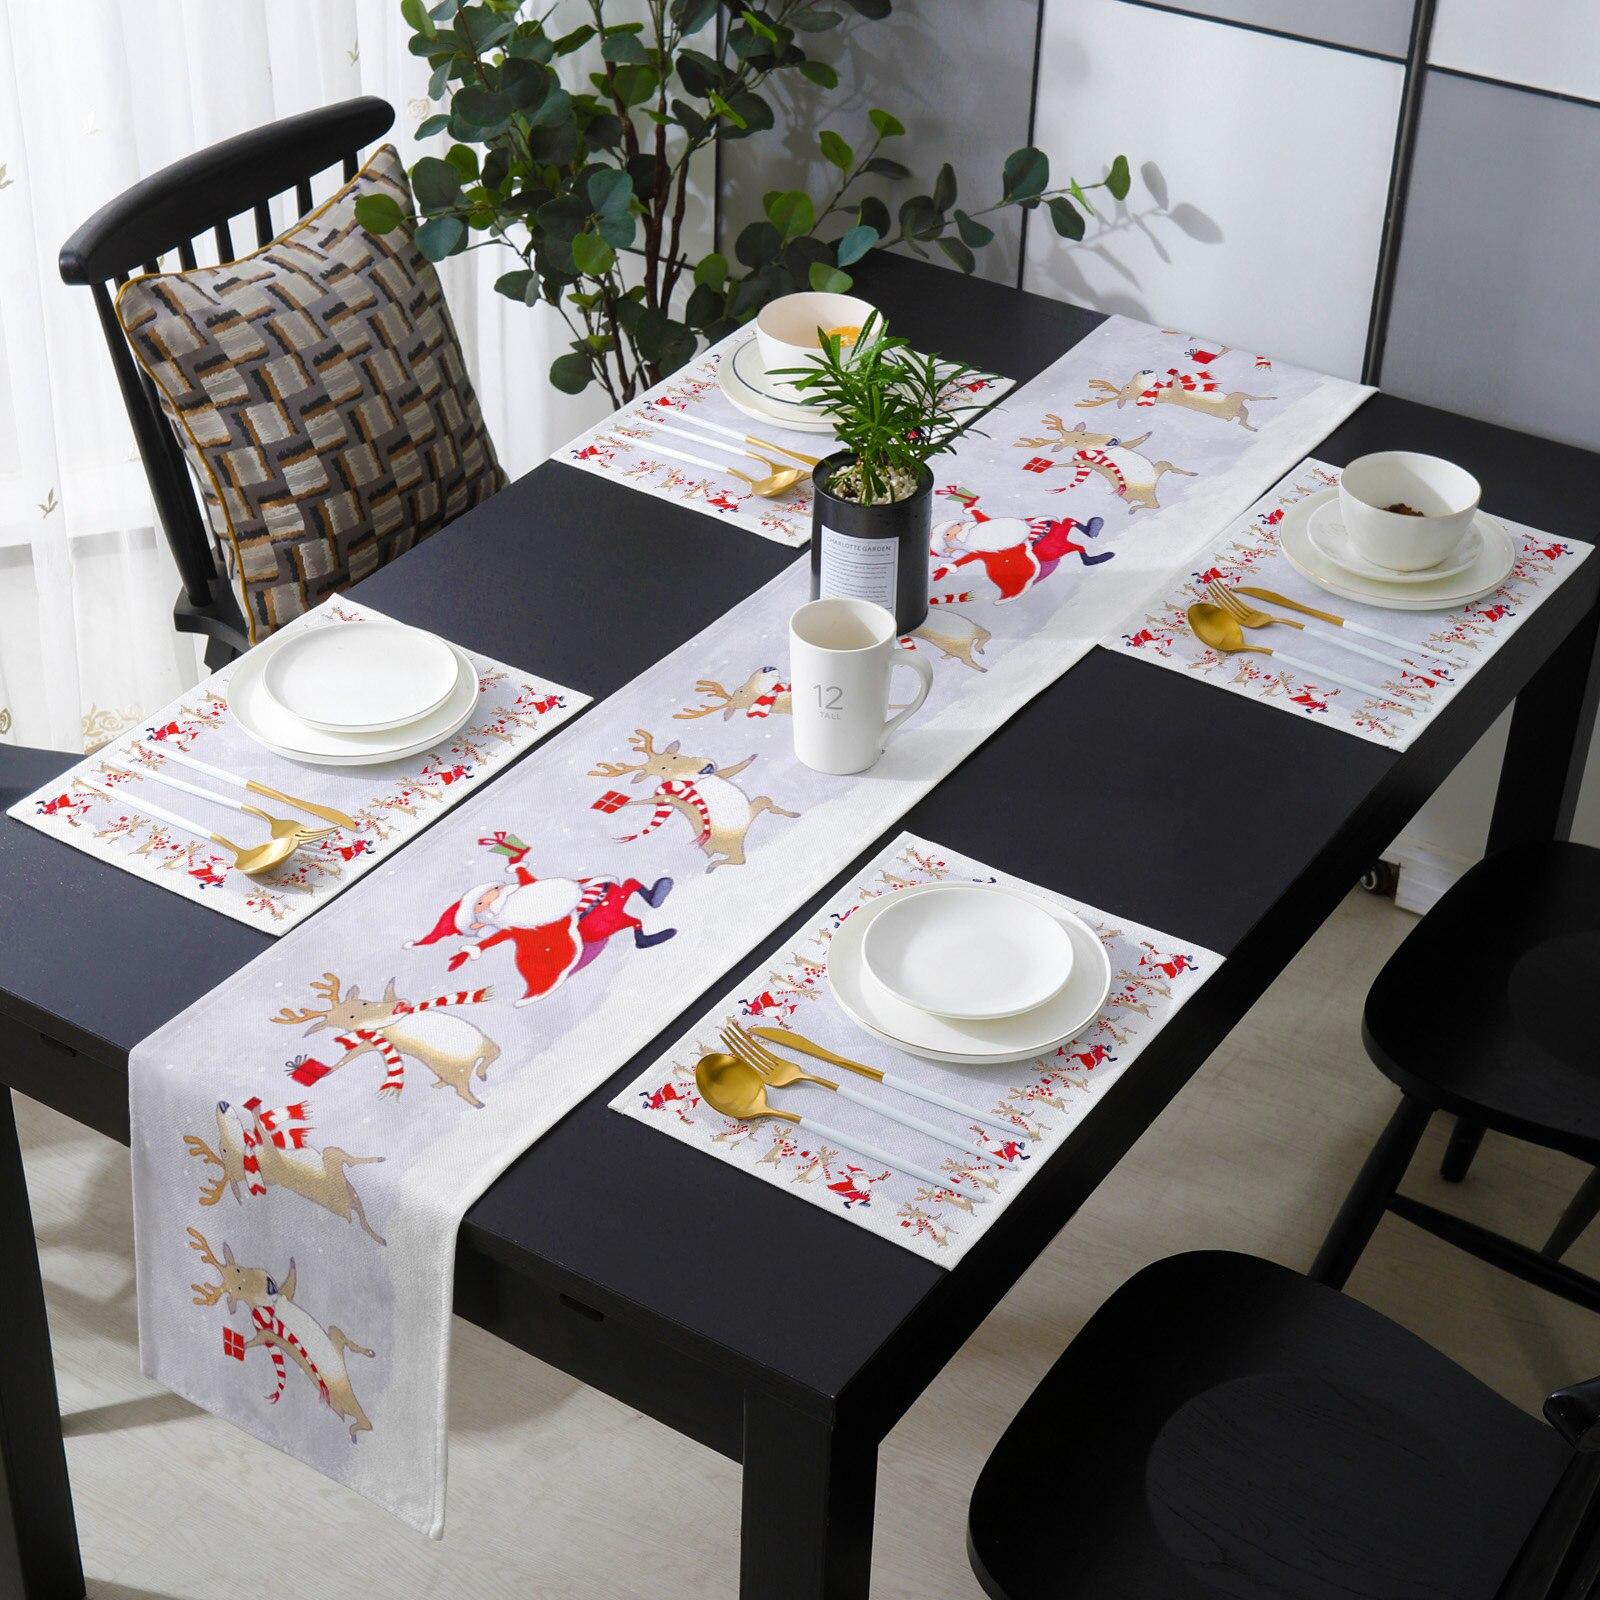 Christmas Elk Illustration Table Runner Luxury Set Wedding Table Decor Table Runner Christmas Decoration for Home